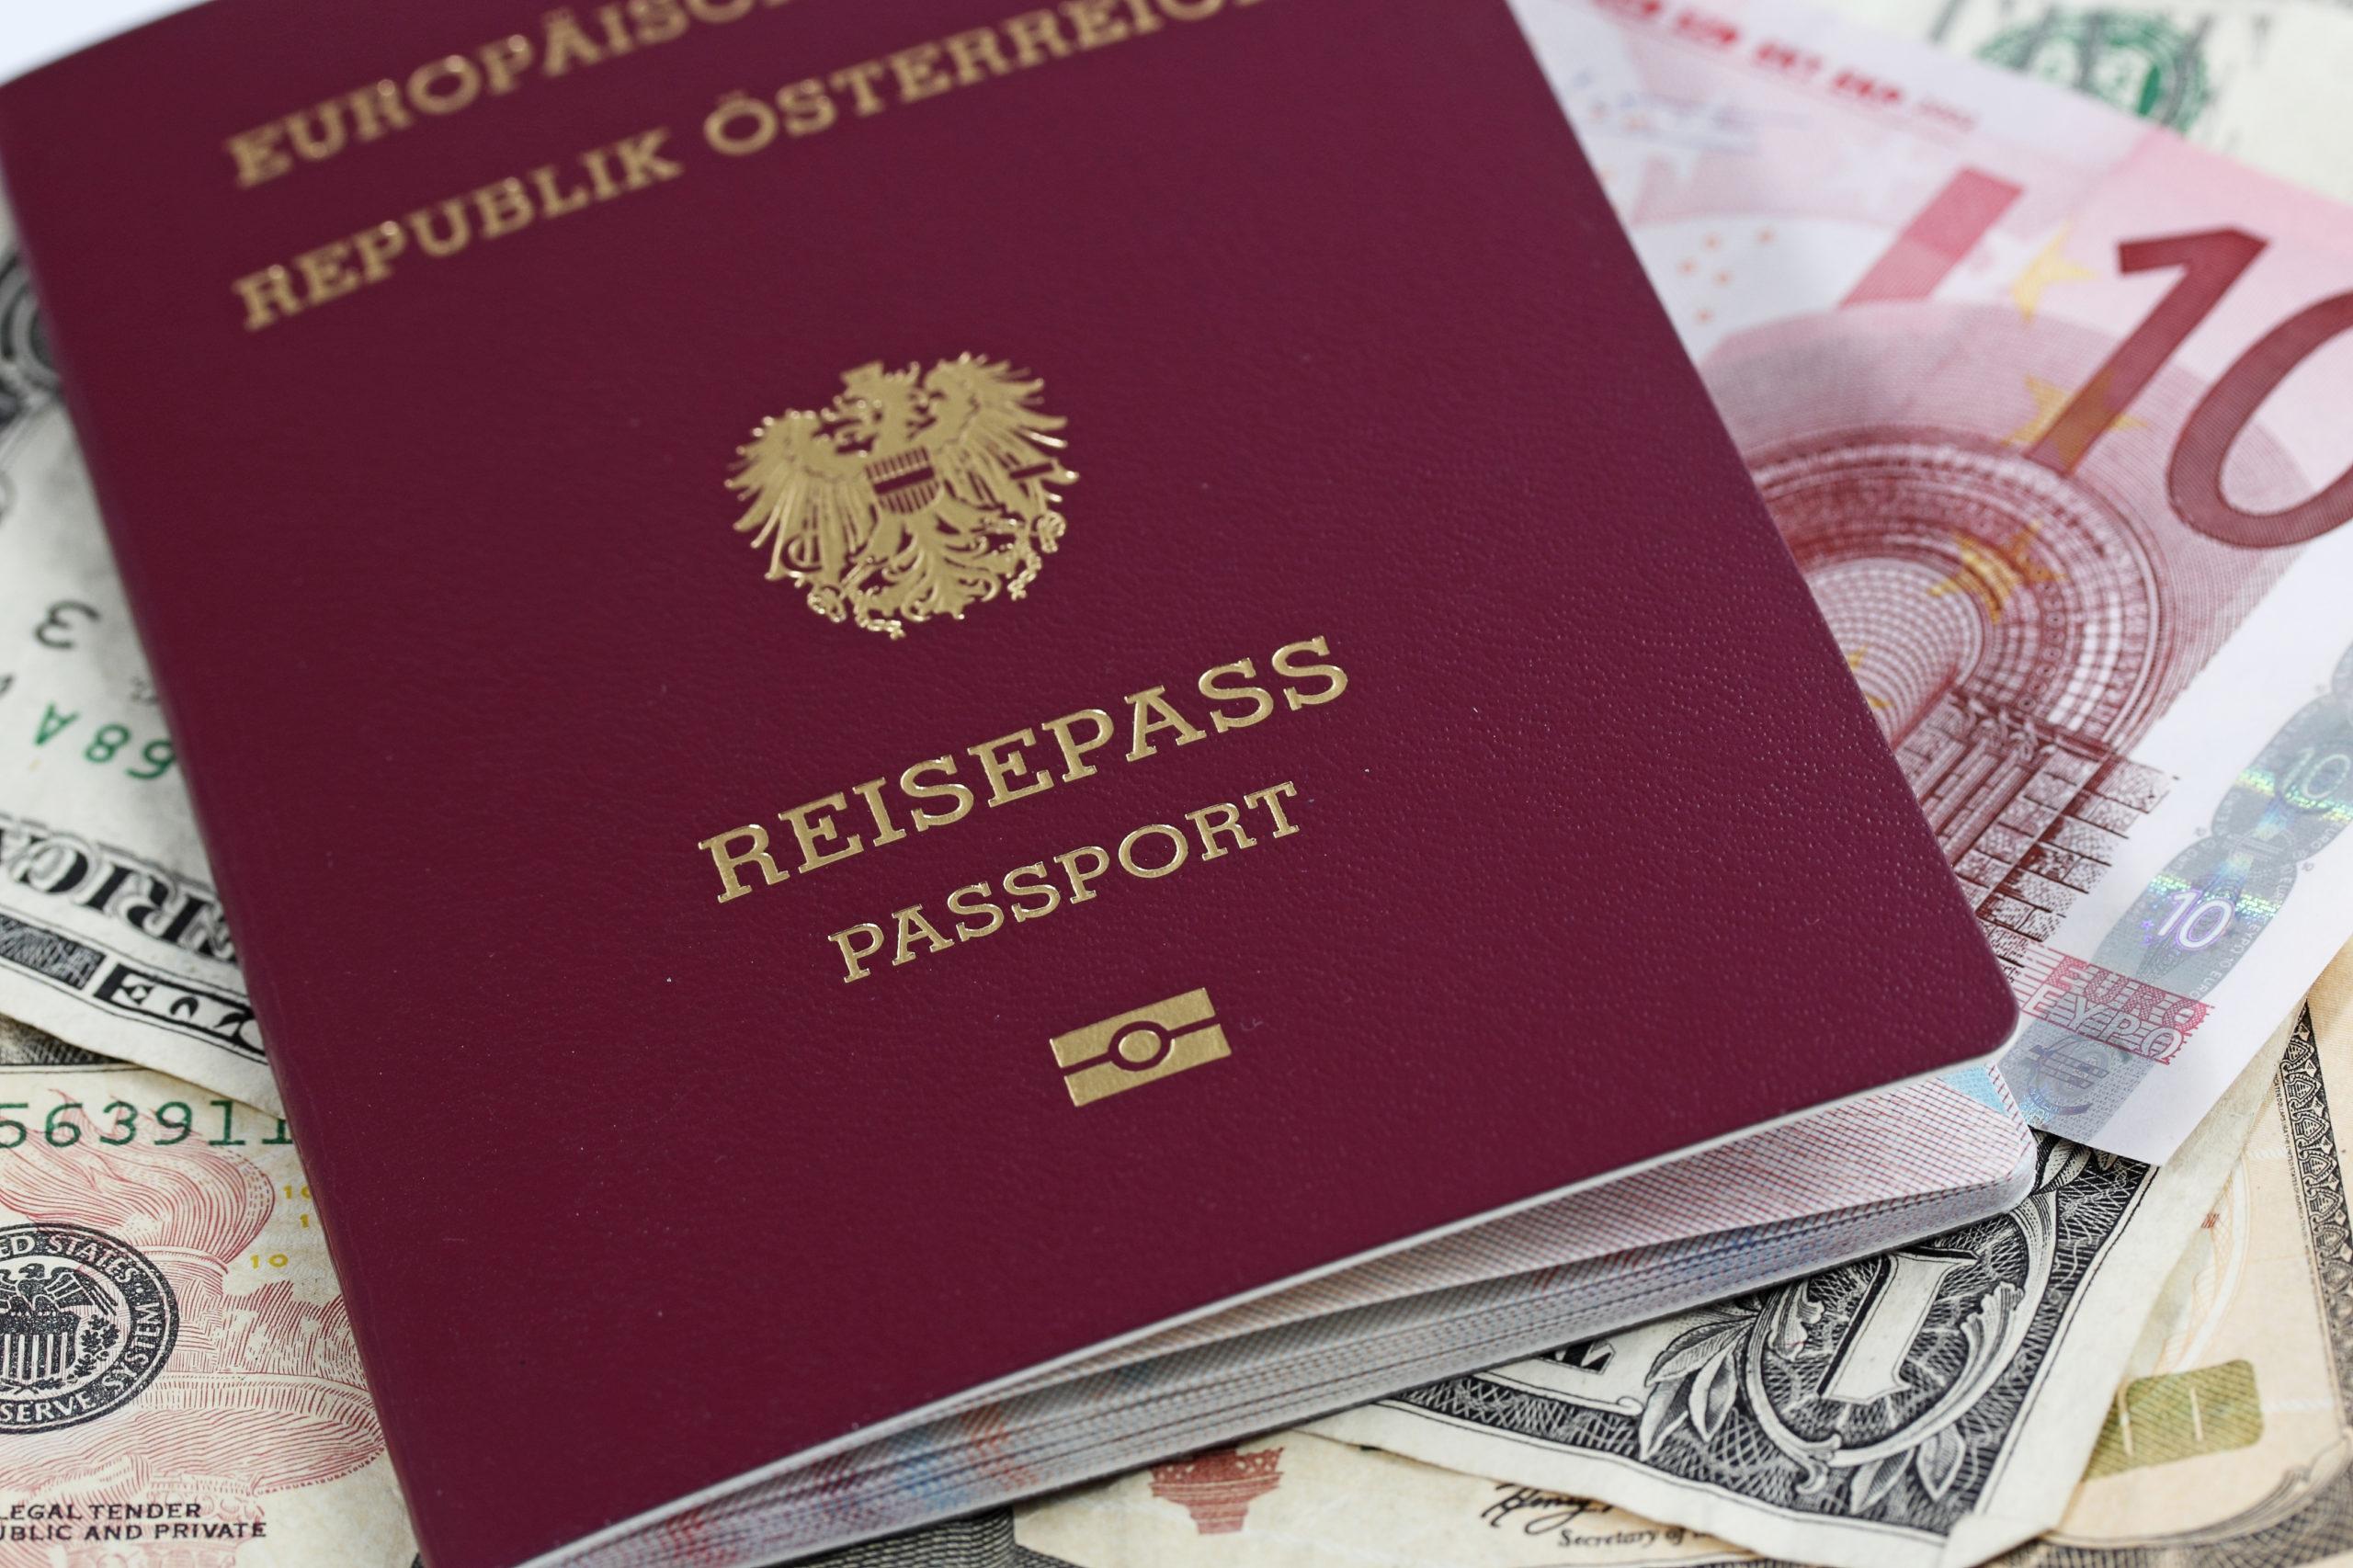 Le passeport autrichien, le graal de tout investisseur.